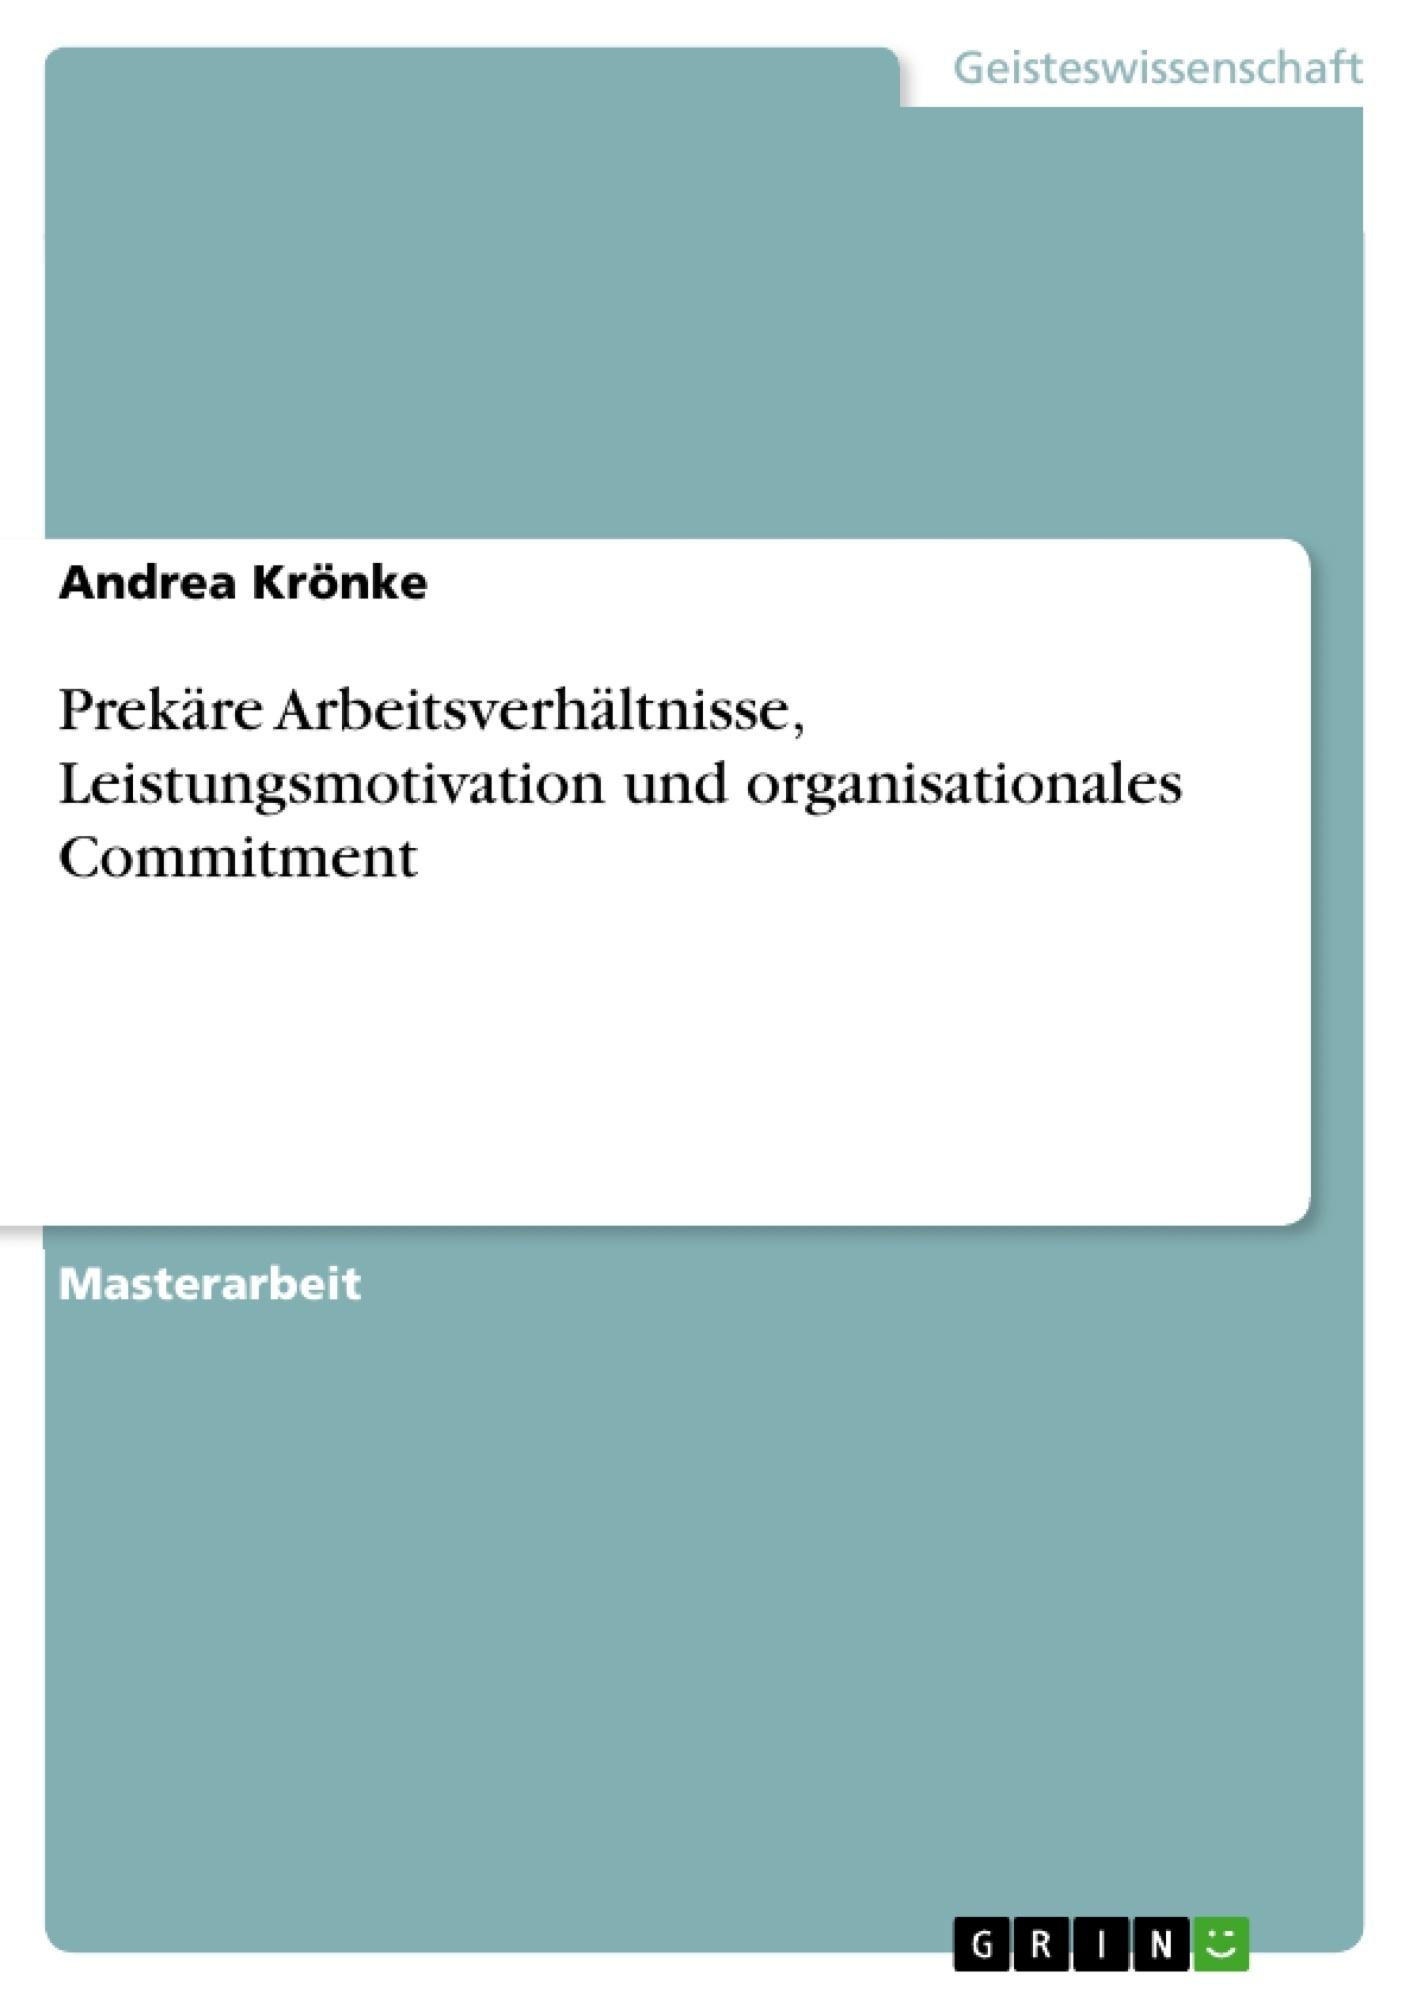 Titel: Prekäre Arbeitsverhältnisse, Leistungsmotivation und organisationales Commitment